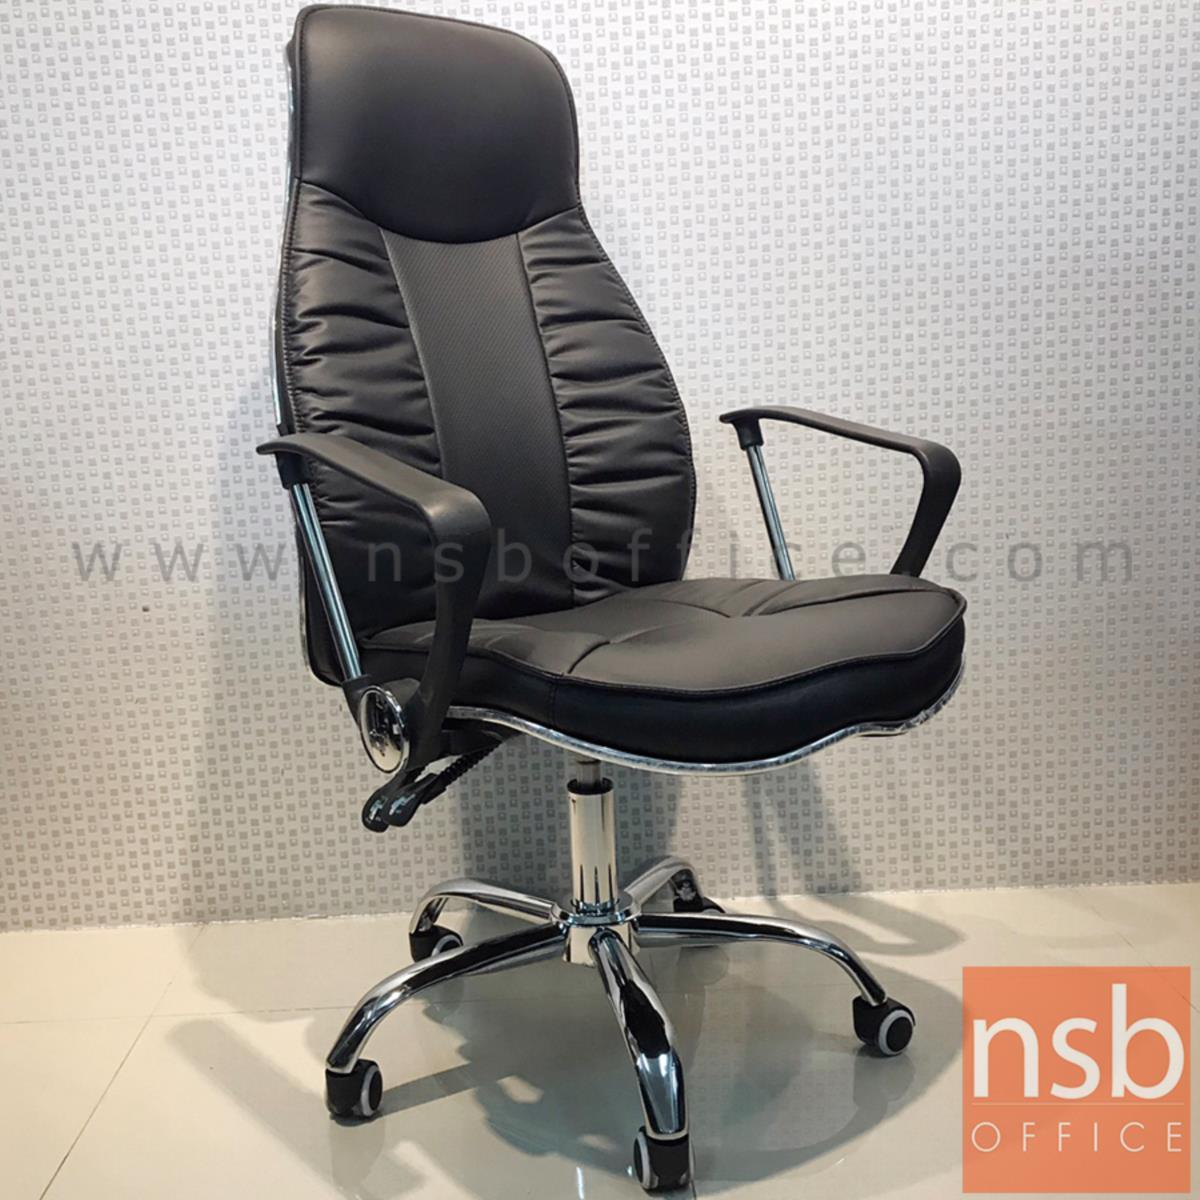 เก้าอี้ผู้บริหาร รุ่น moonlight (มูนไลท์)  โช๊คแก๊ส มีก้อนโยก ขาเหล็กชุบโครเมี่ยม